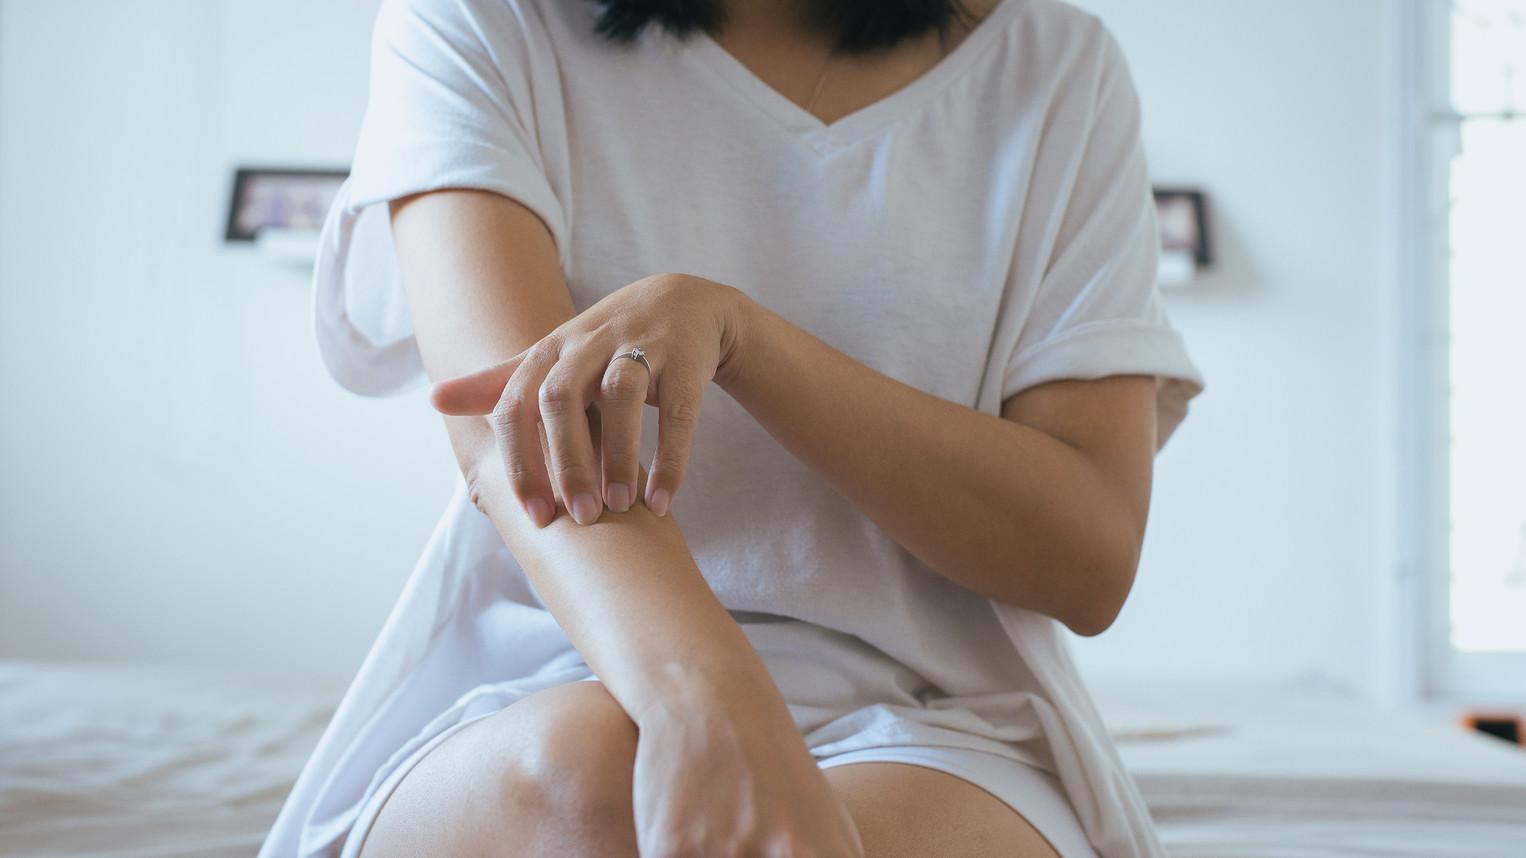 gyógyítható-e a pikkelysömör vagy sem